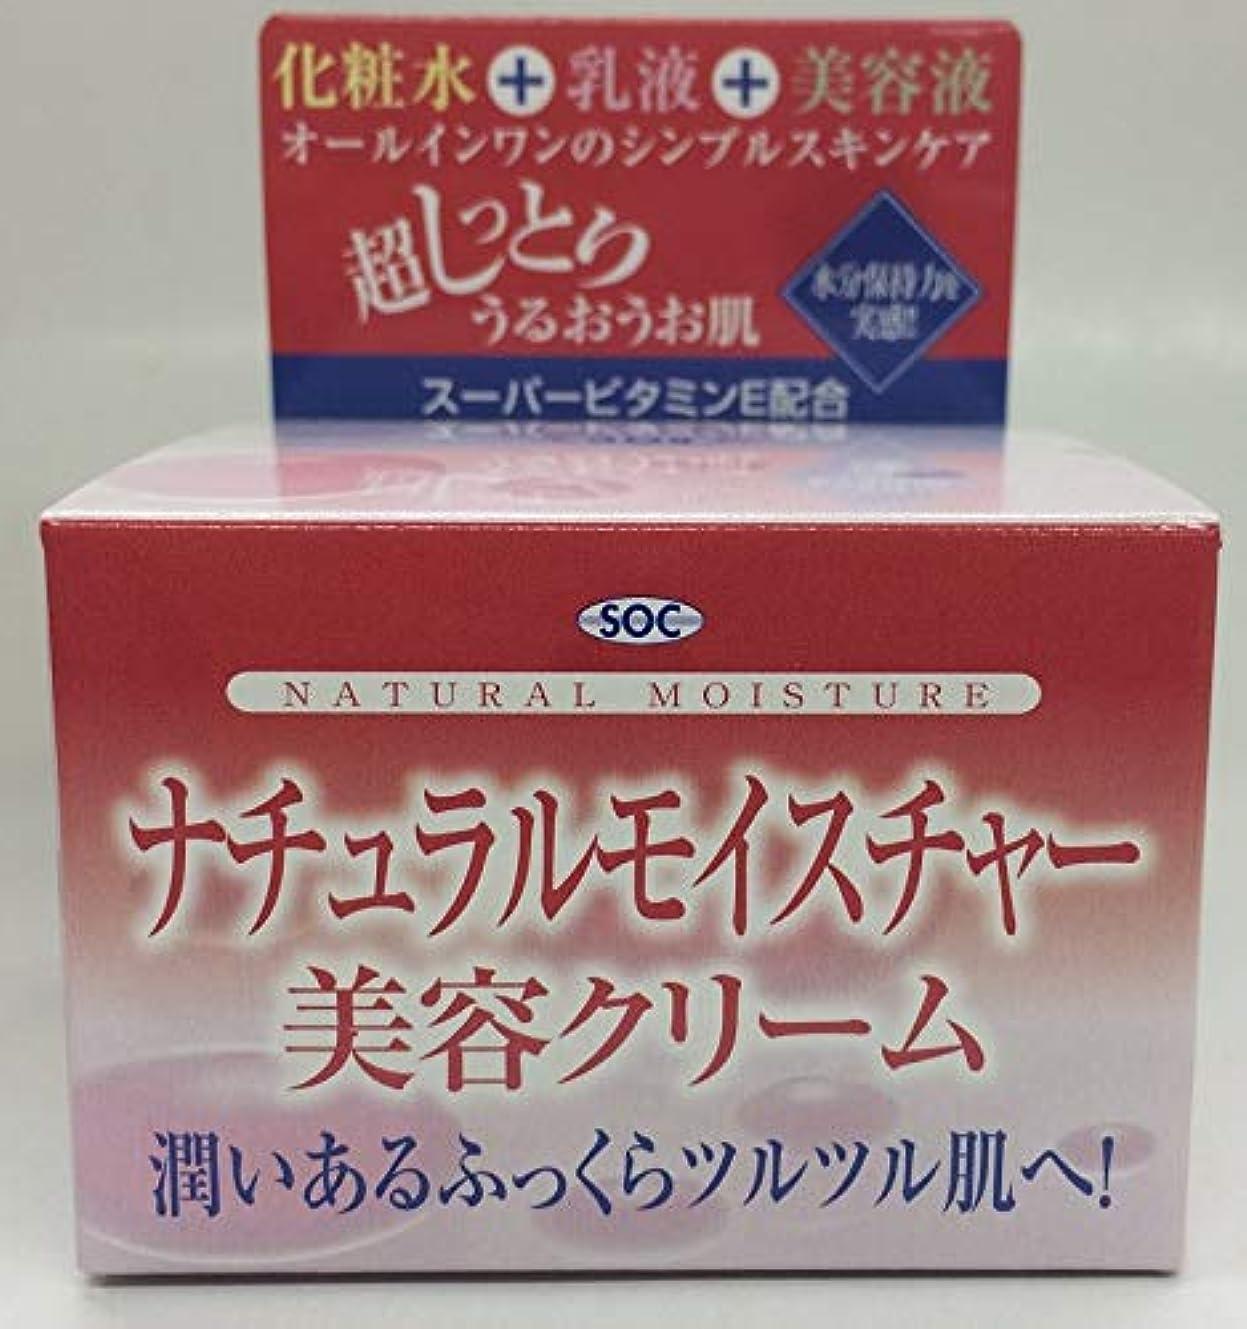 汗熟読鼓舞するSOC アクアモイスチャー美容ジェル 100g